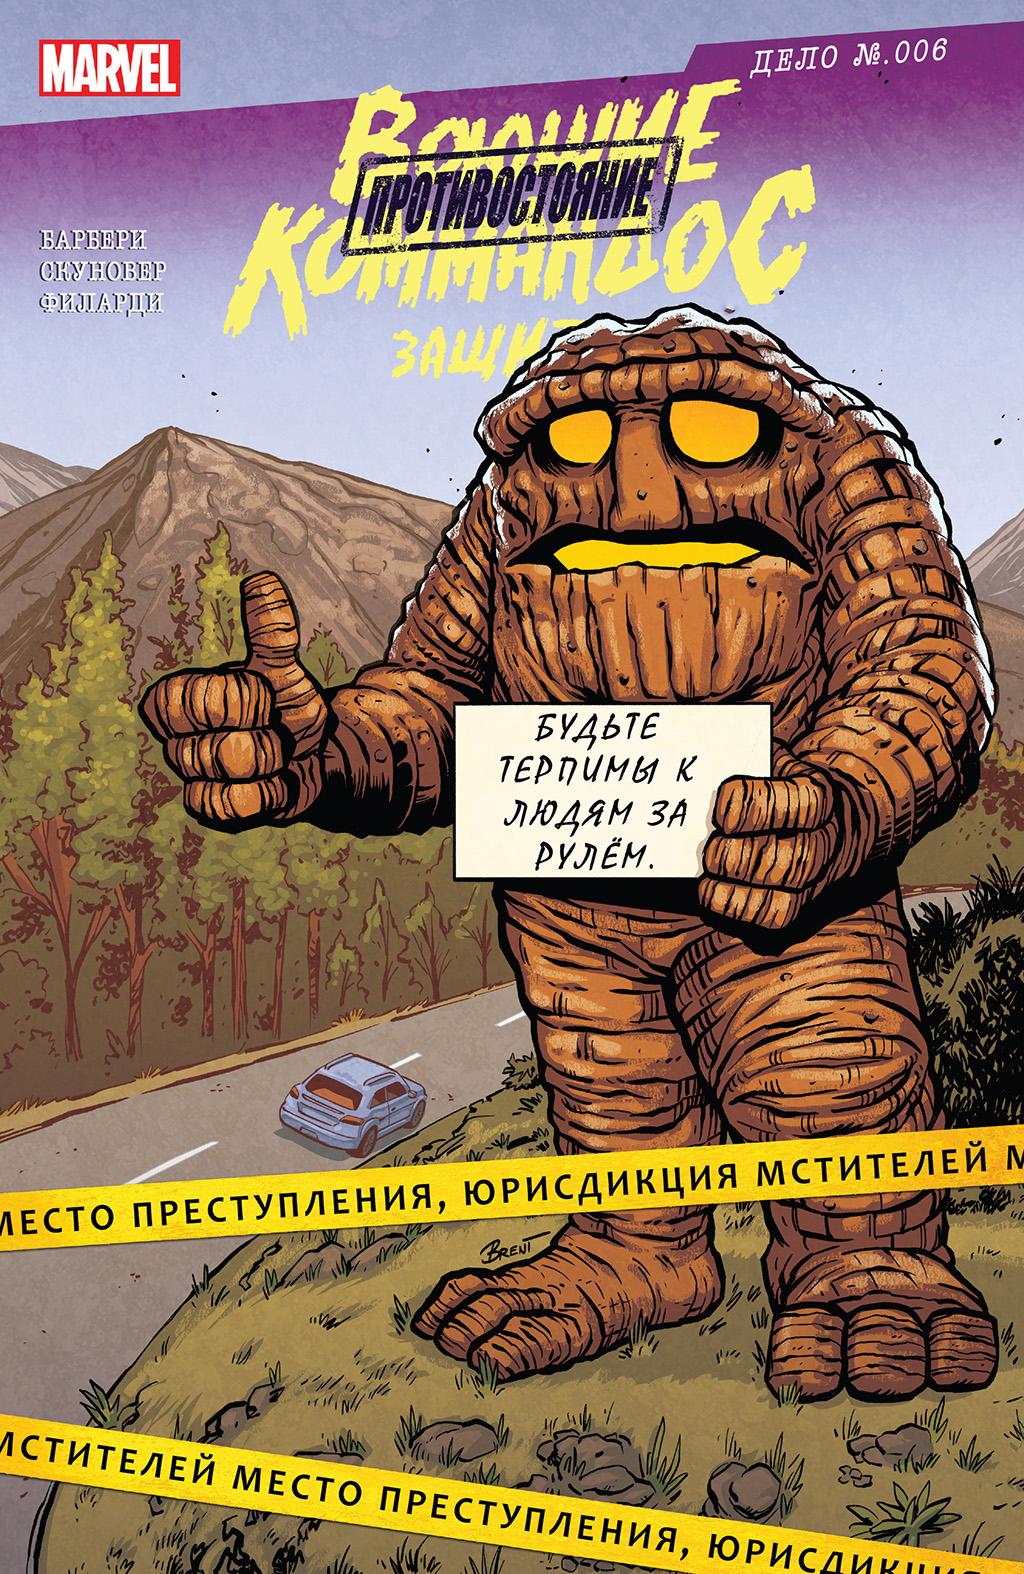 Комикс Воющие Коммандос ЩИТа